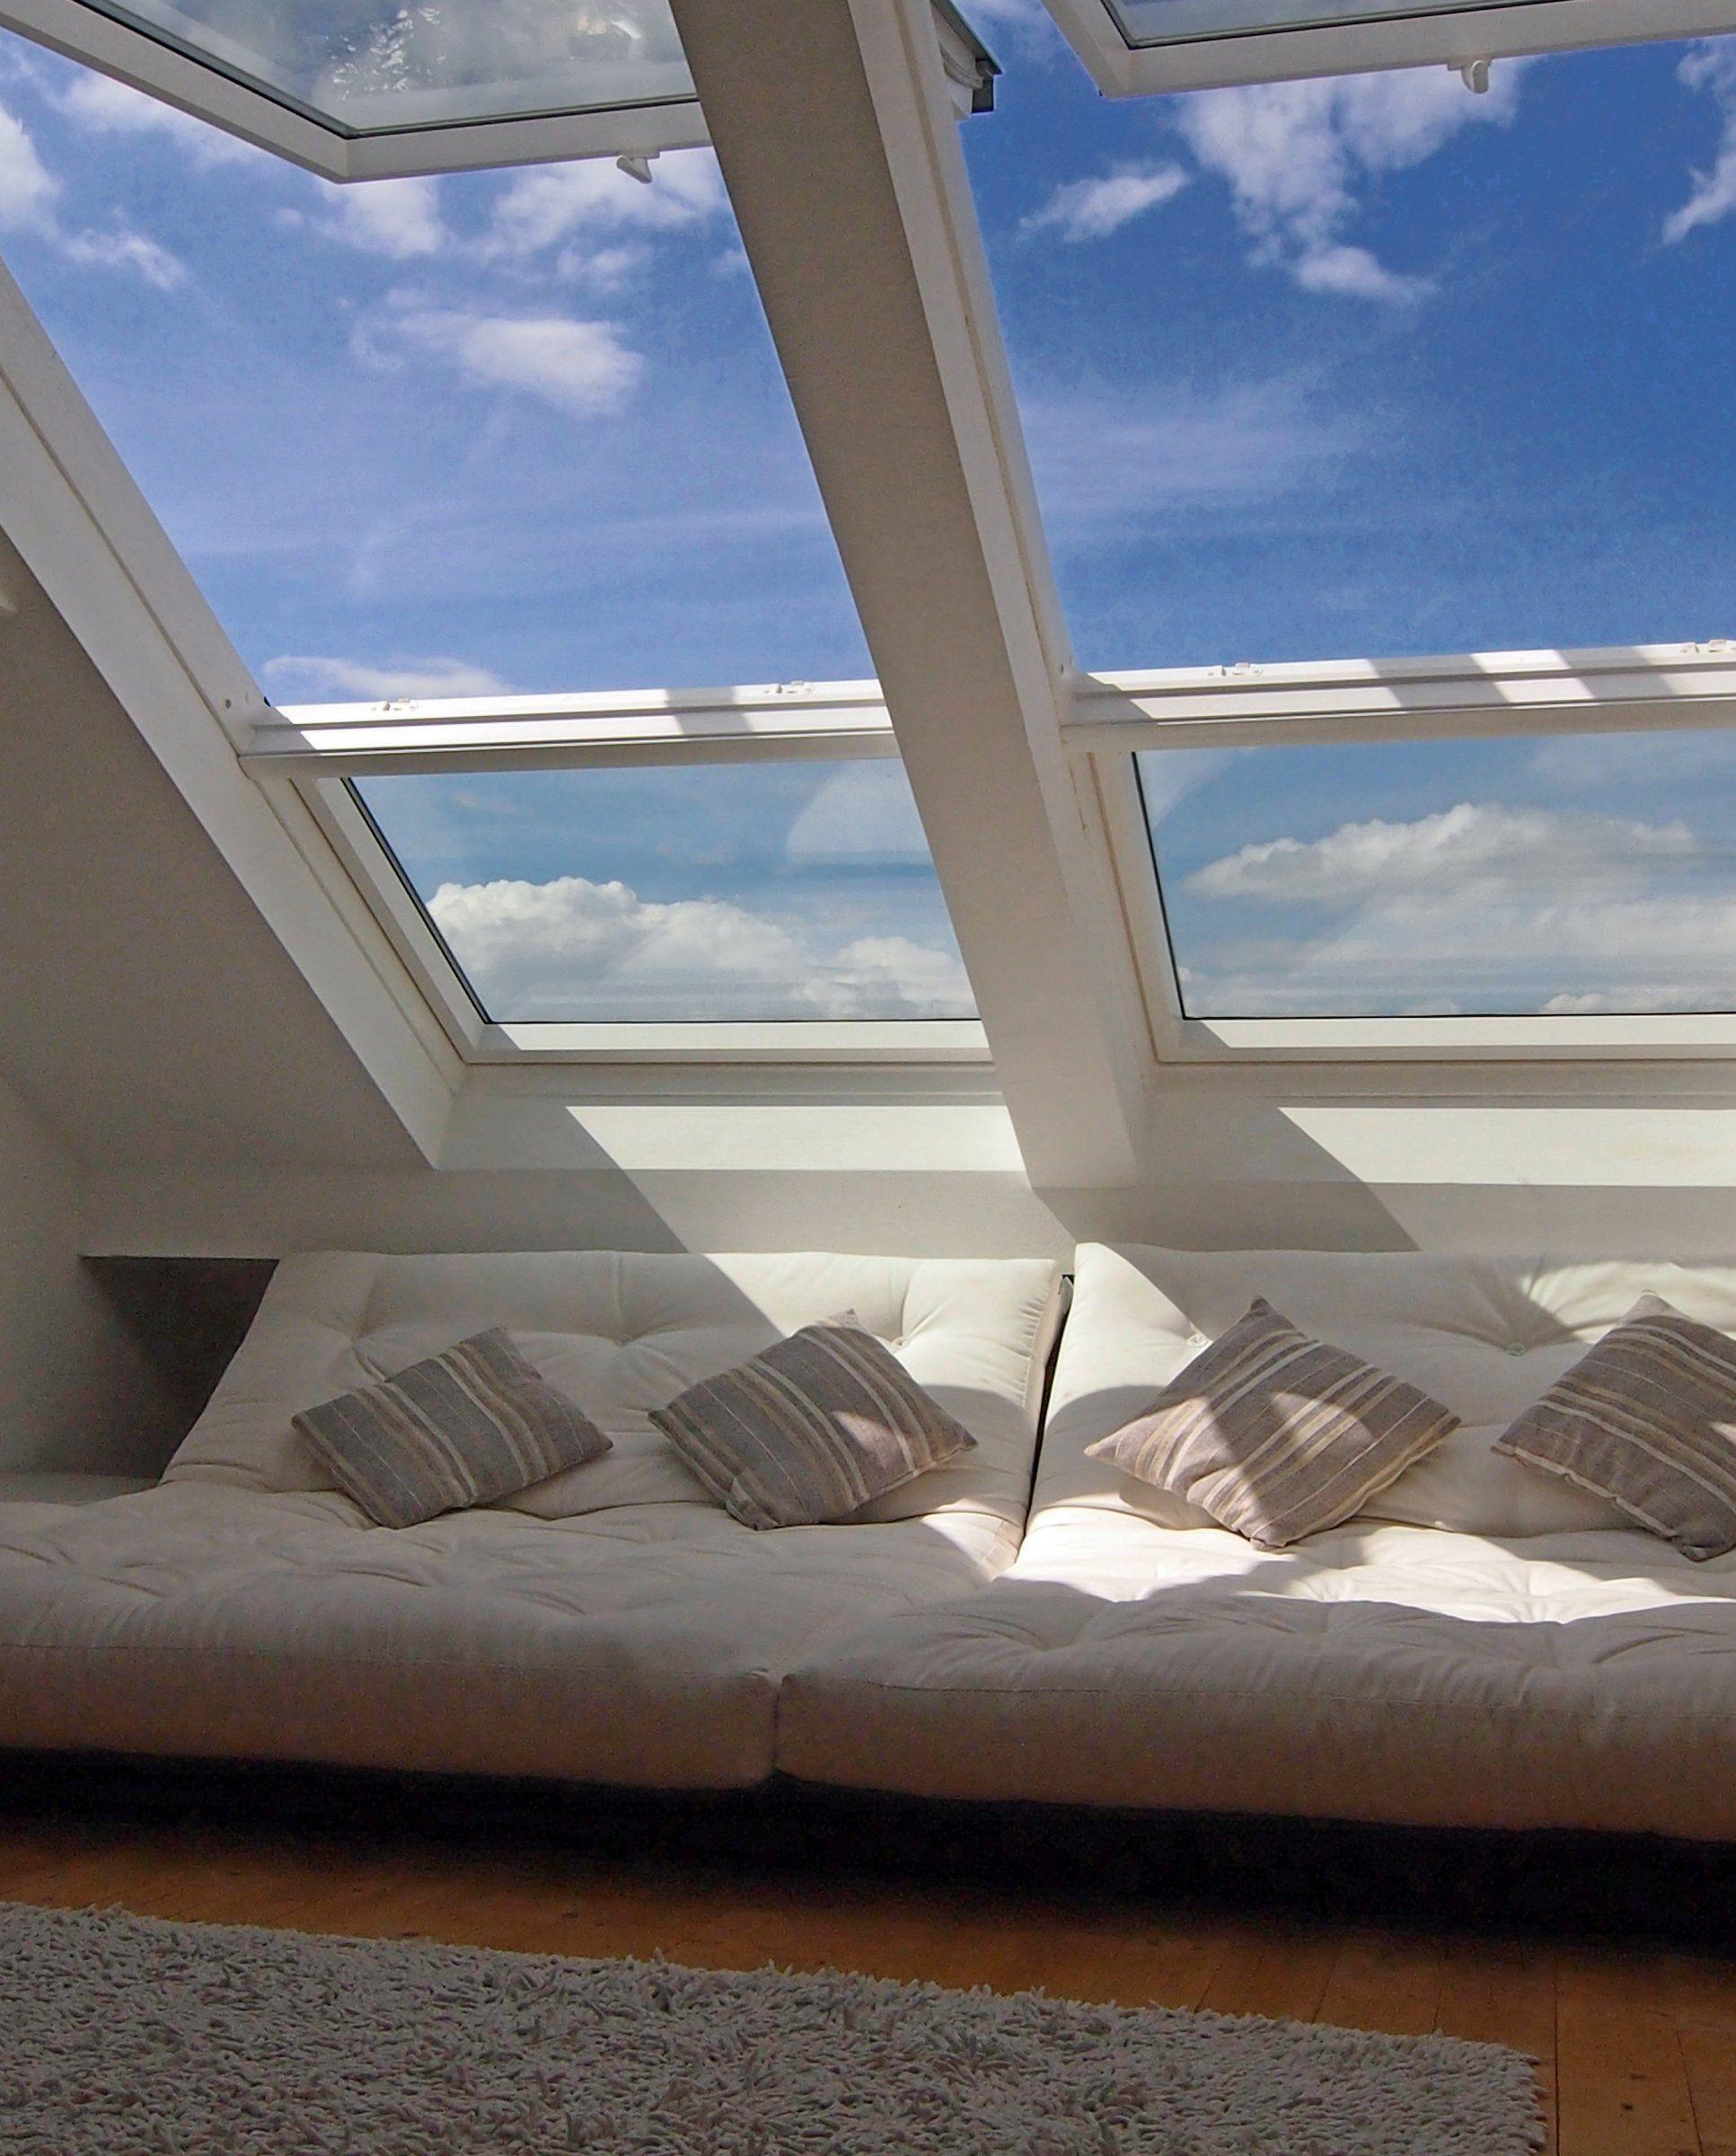 wohnzimmer 'chillen unterm dach' | fenster | pinterest | chillen ... - Wohnideen Unterm Dach